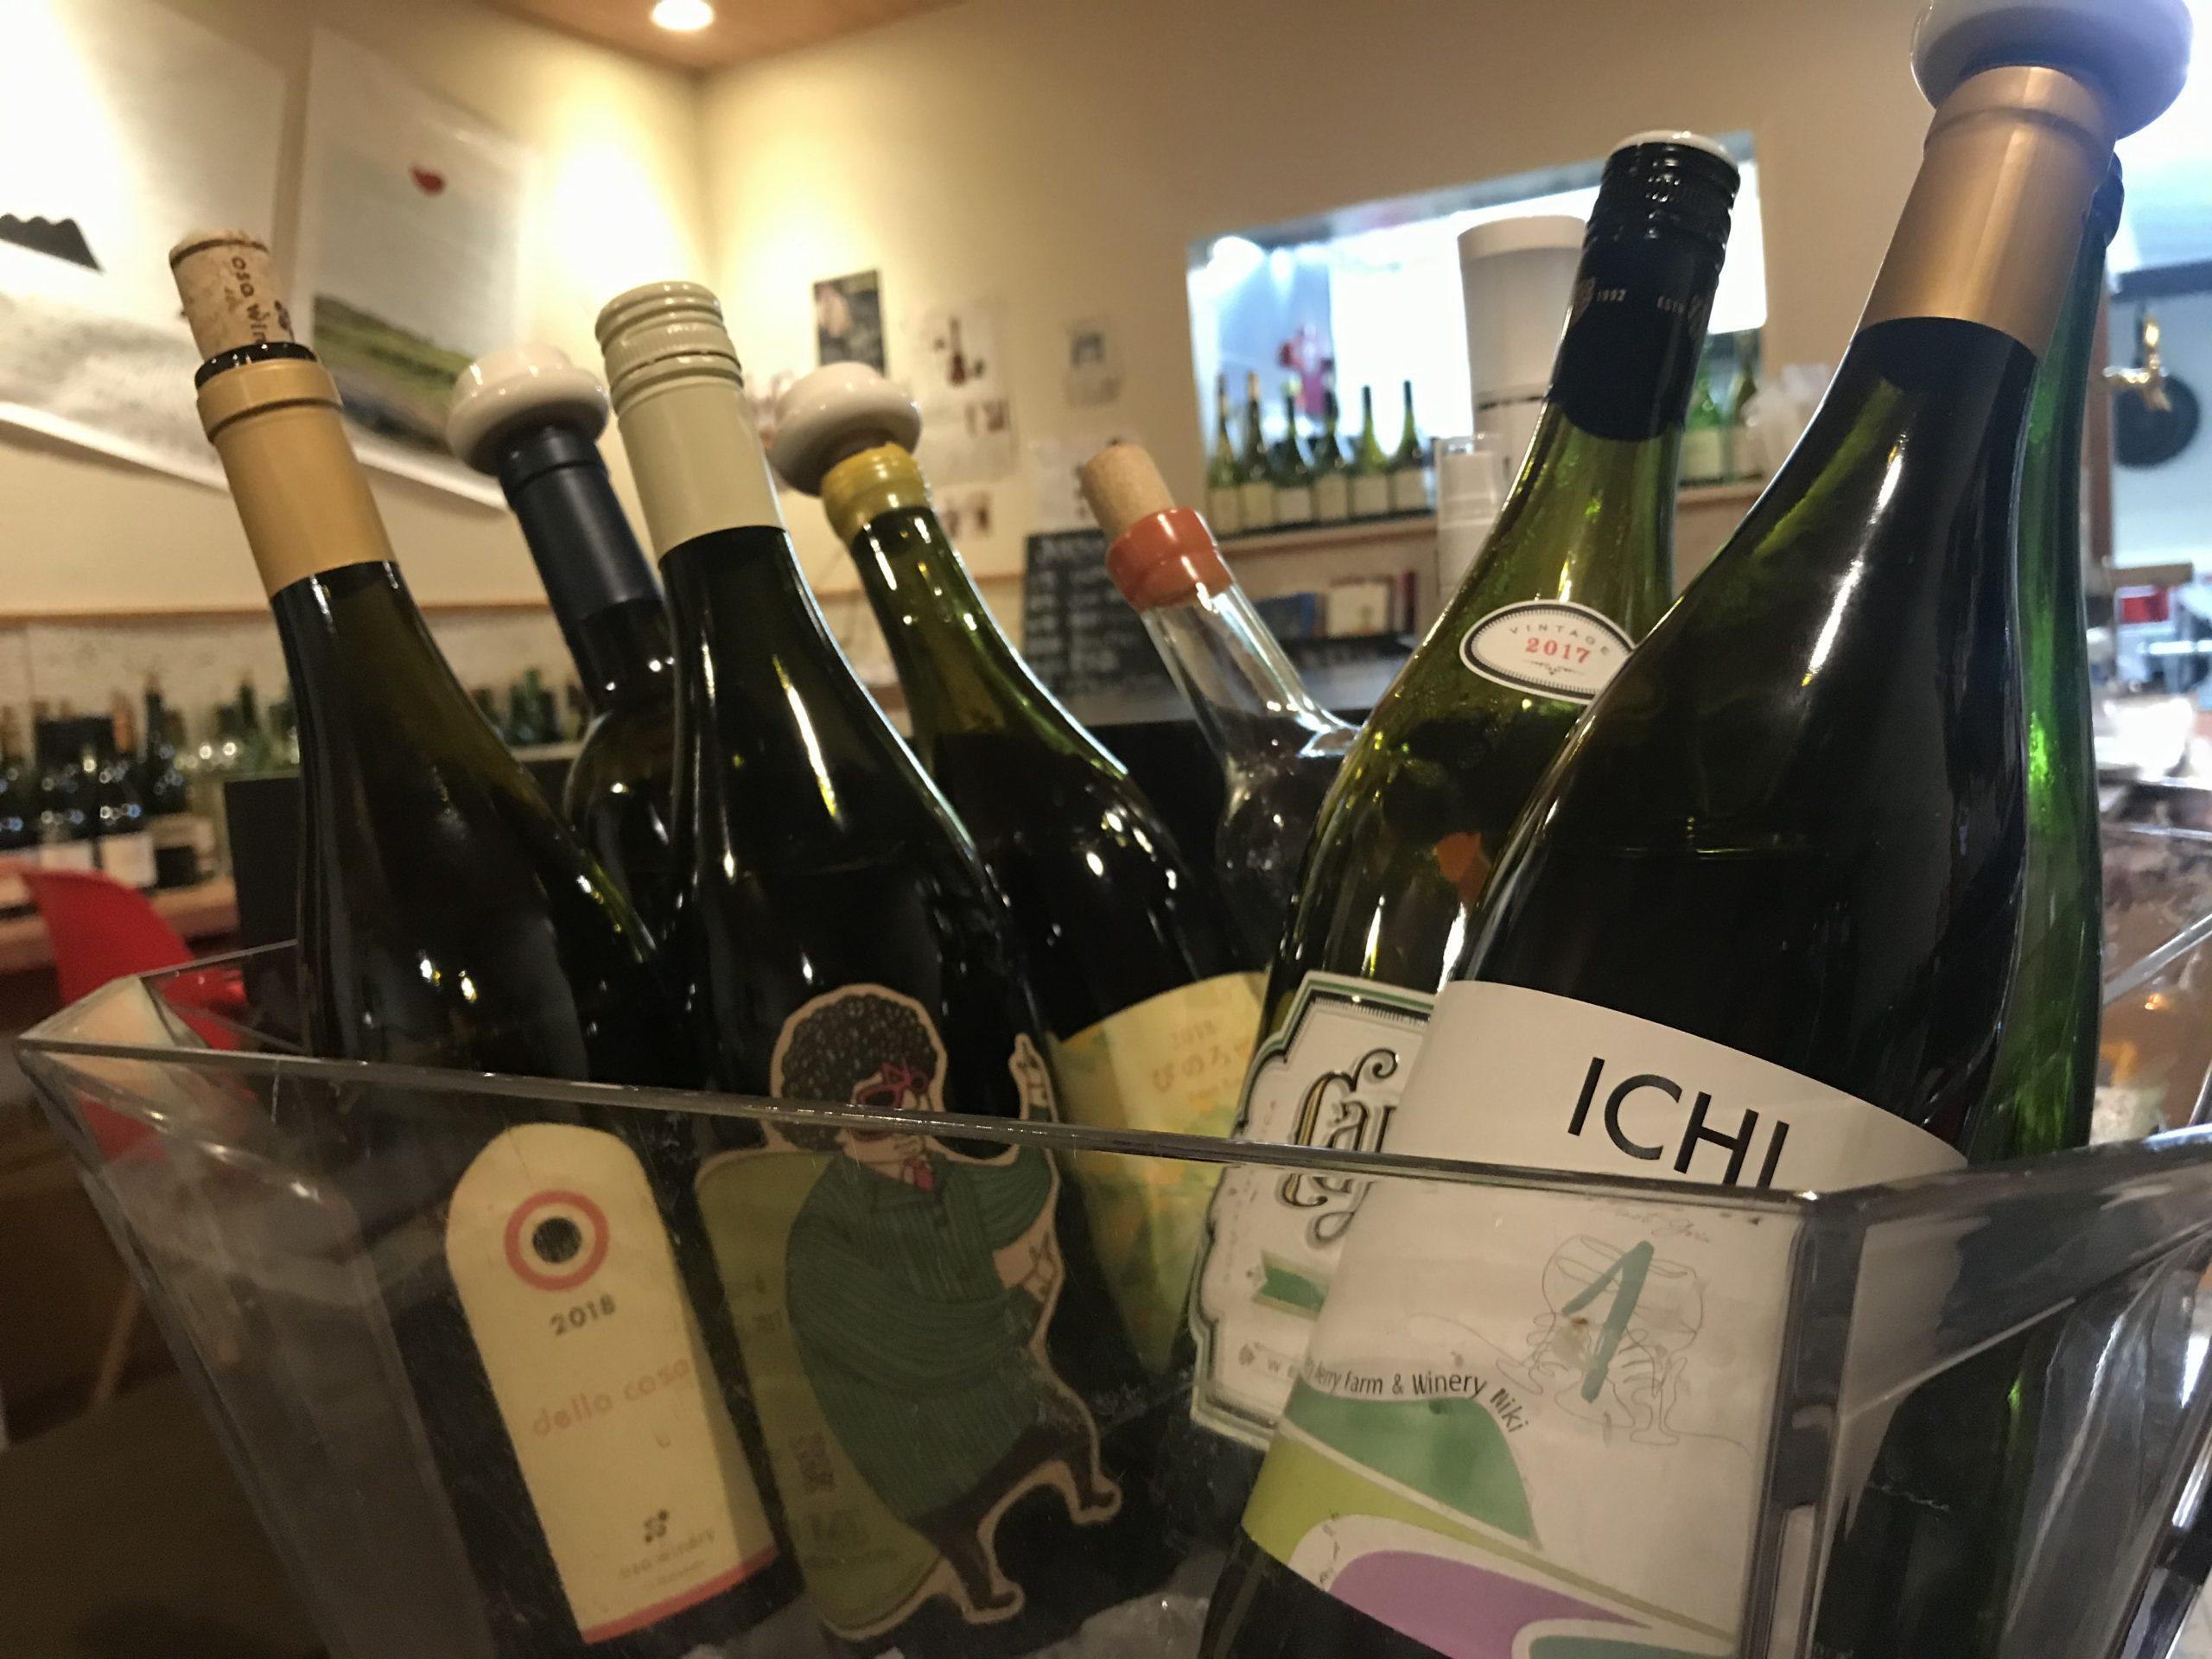 【「さきめし/ごちめし」人気店を紹介!】 北海道・札幌市「道産ワイン応援団 winecafé veraison-」